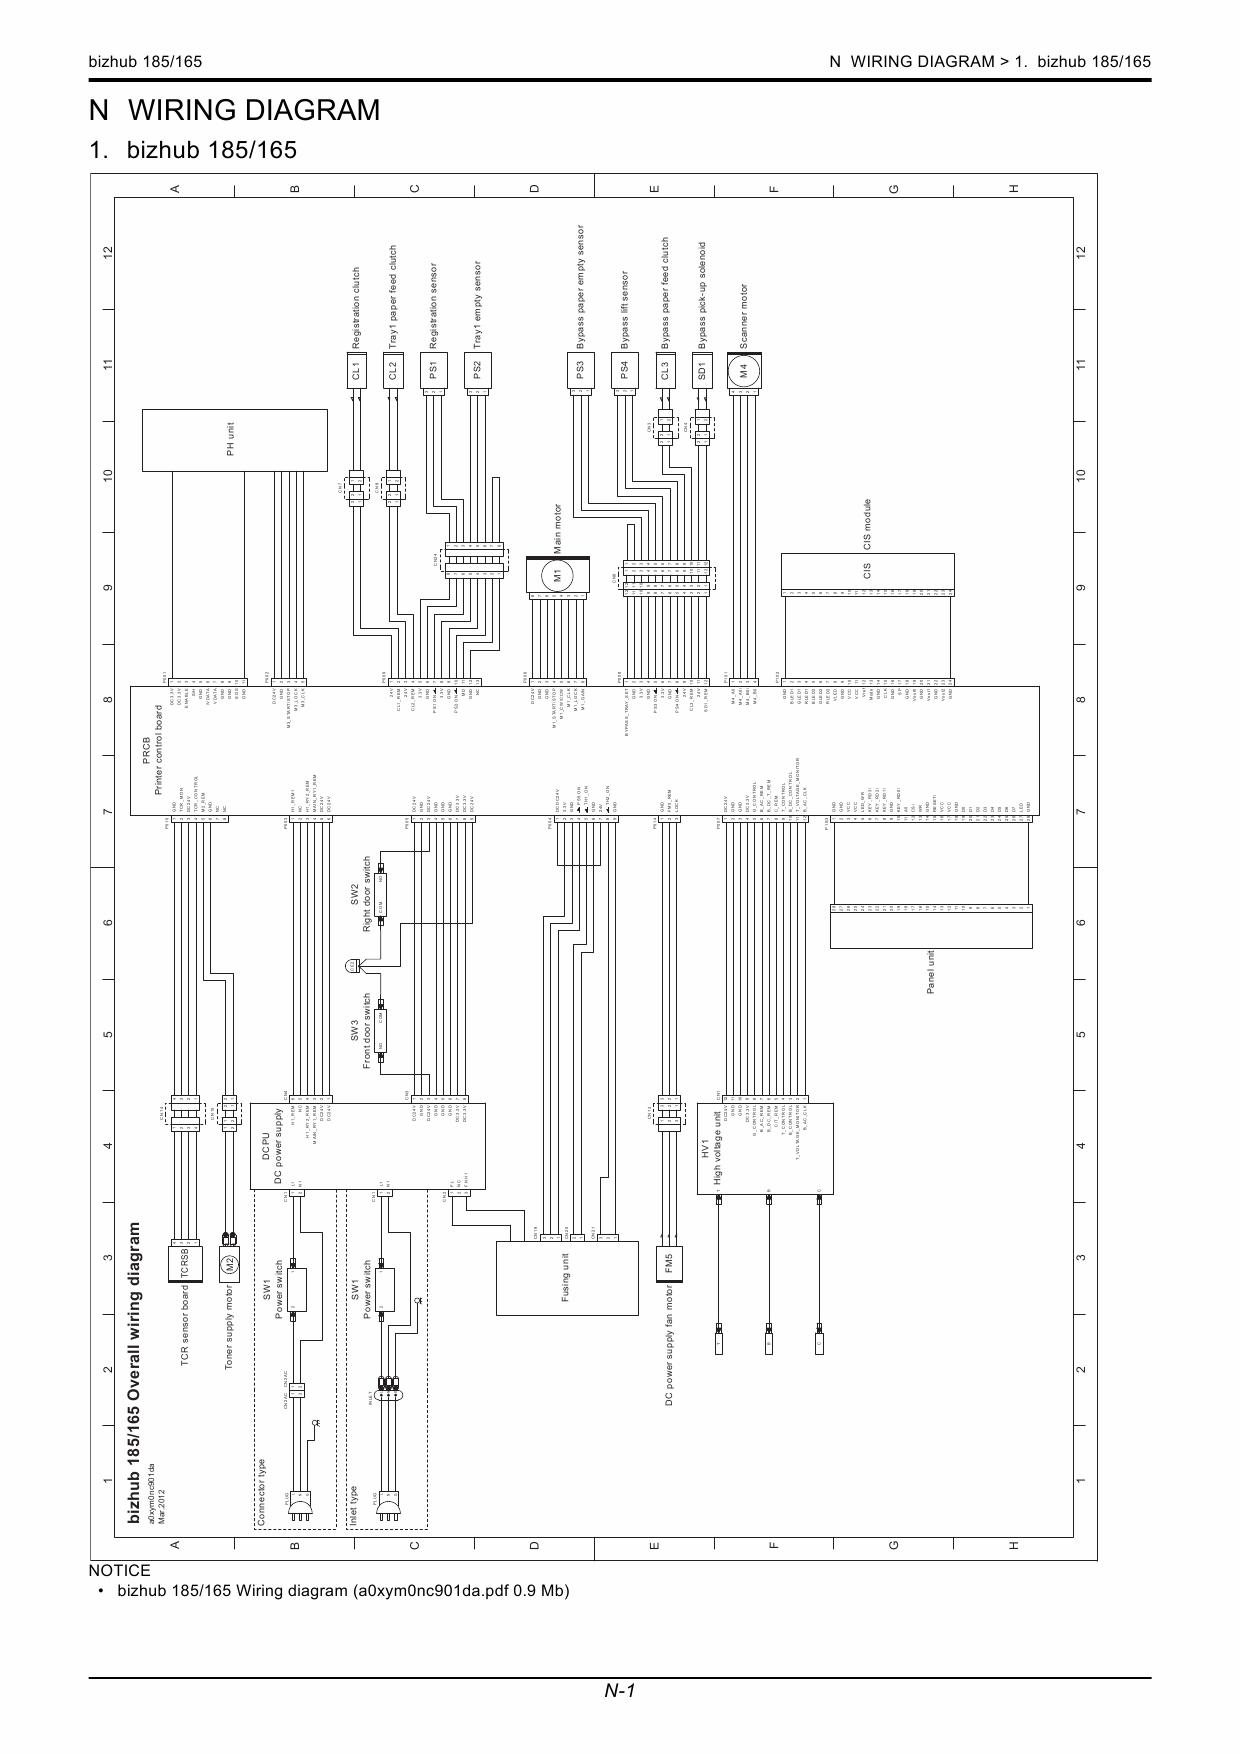 konica minolta bizhub 165 185 service manual Bizhub C360 bizhub 185 service manual pdf